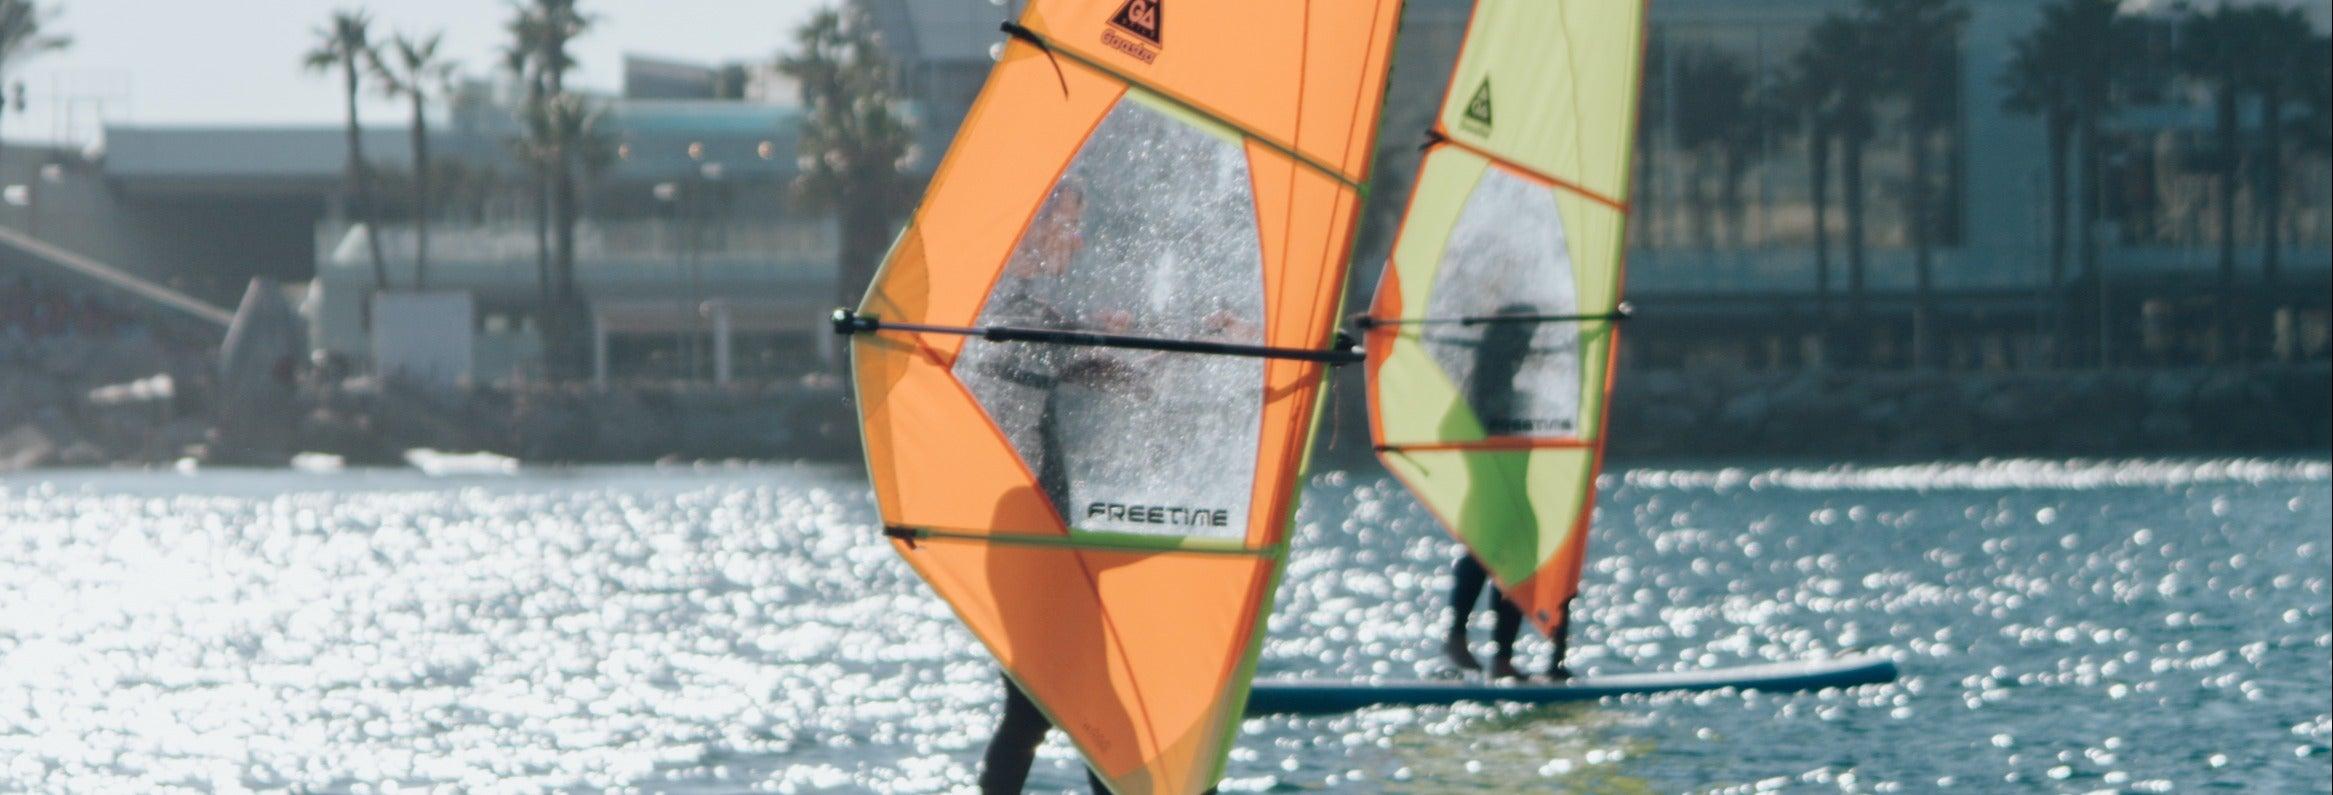 Corso di windsurf a Barcellona